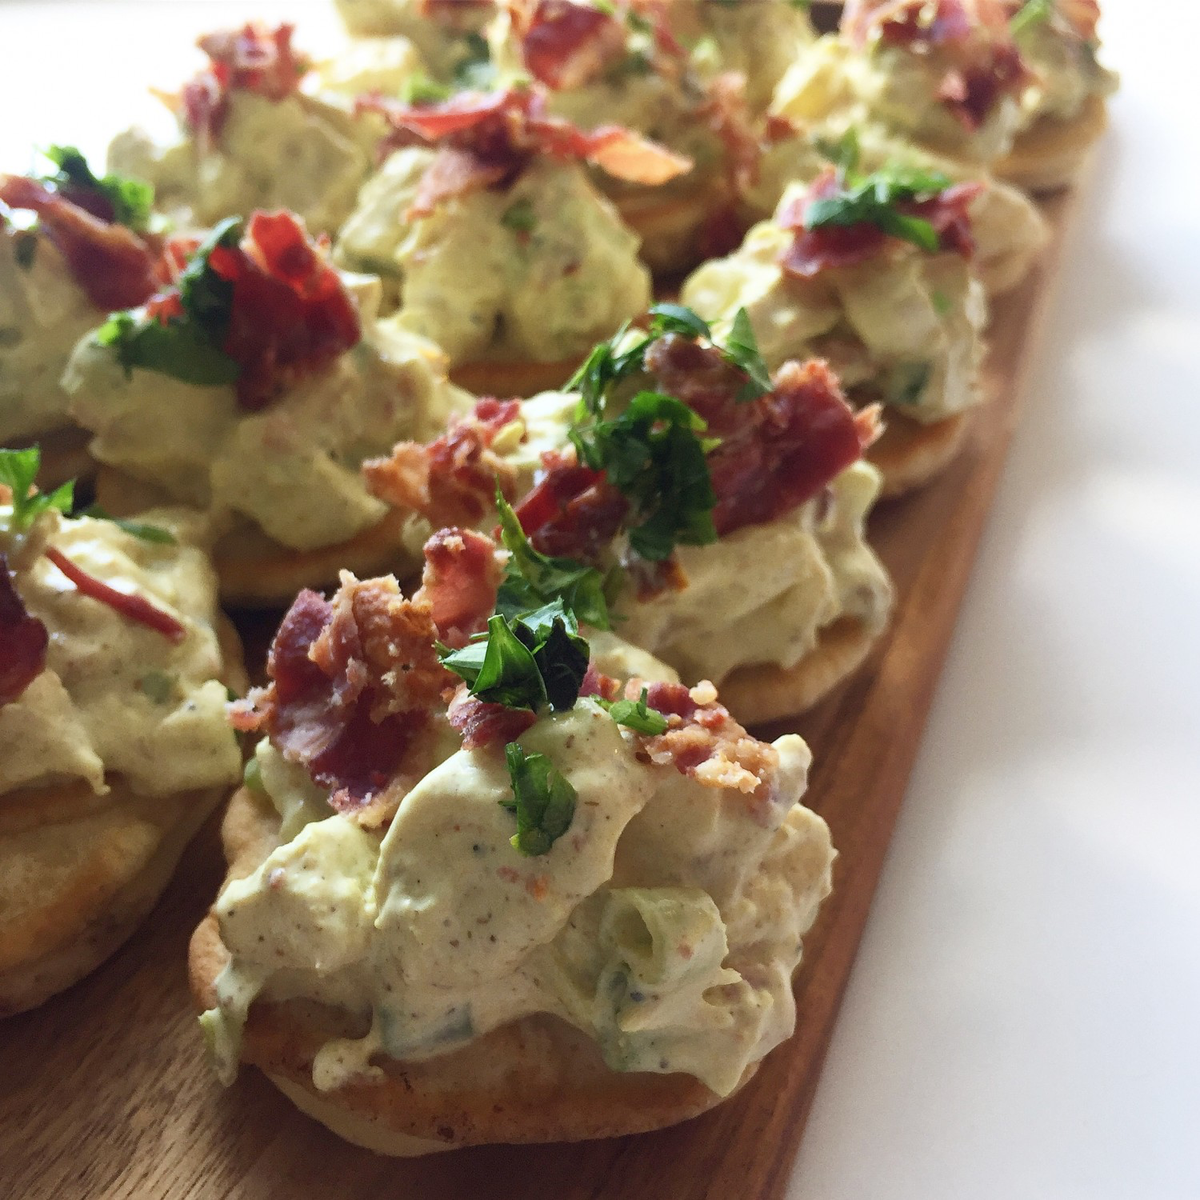 Blinis med hønsesalat - så gode til forret eller tapas | Mummum.dk #tapasideer